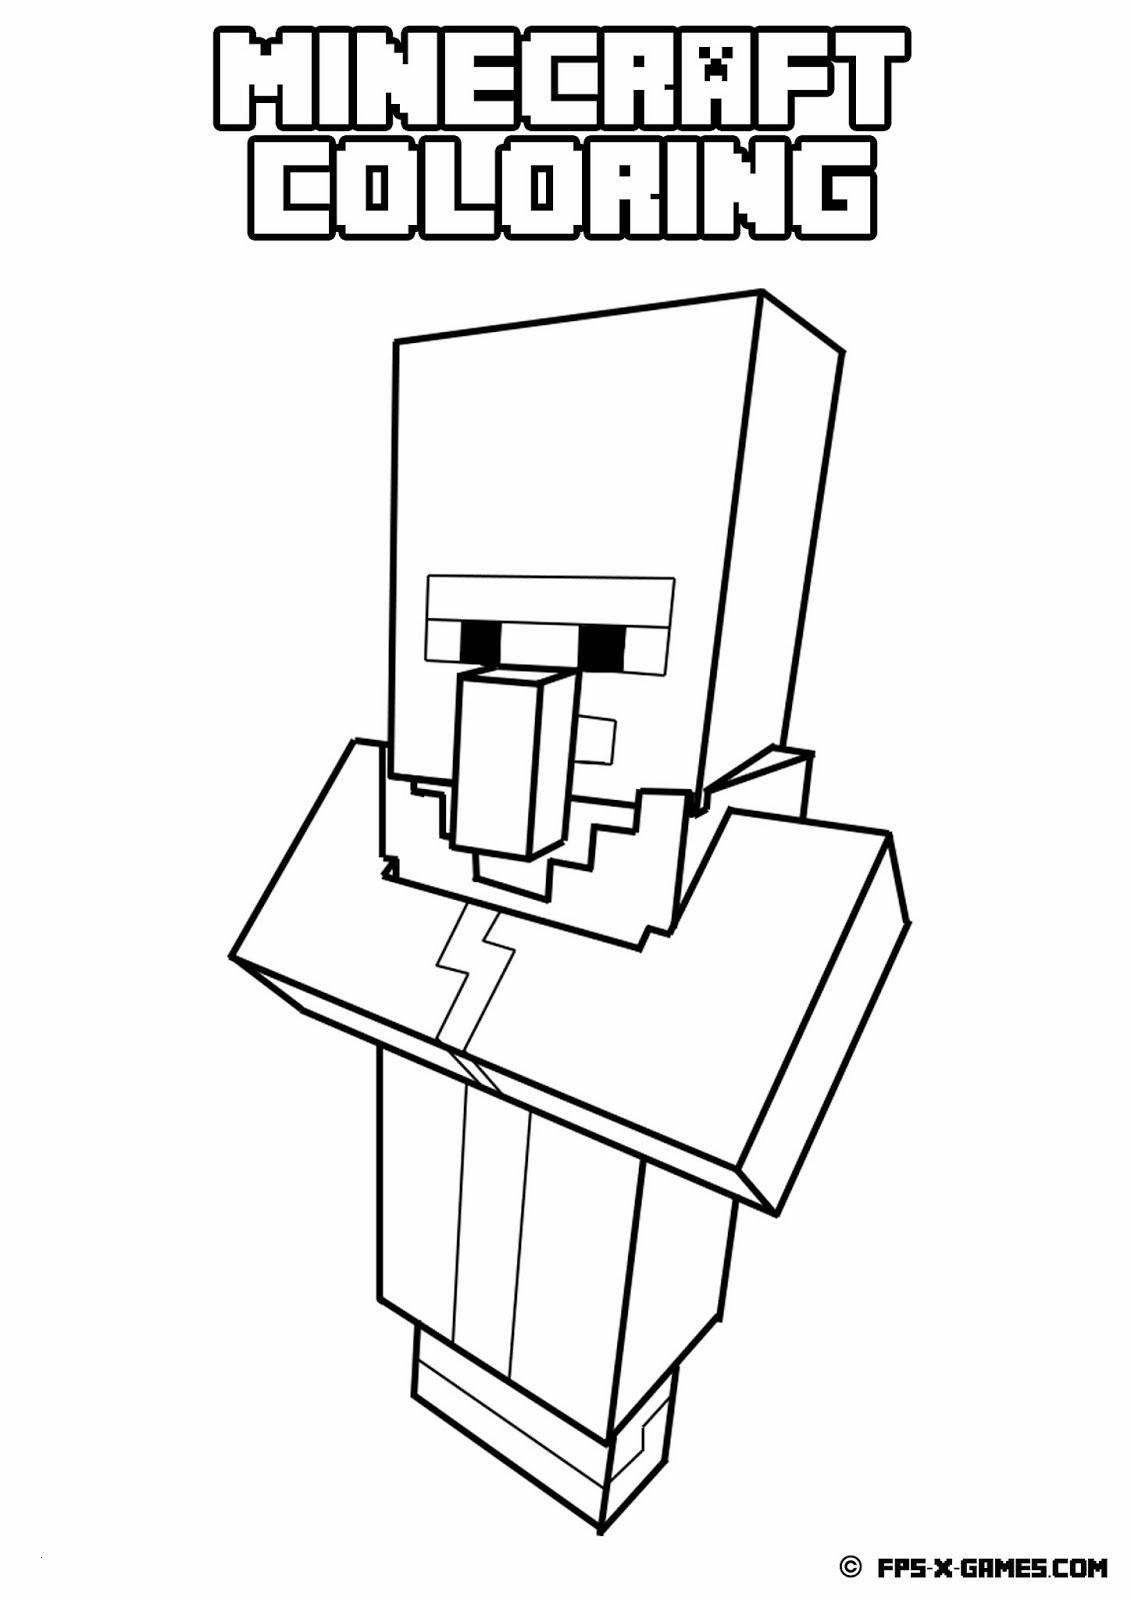 Minecraft Ausmalbilder Schwert Inspirierend 45 Inspirierend Minecraft Ausmalbilder Skins Beste Malvorlage Bilder